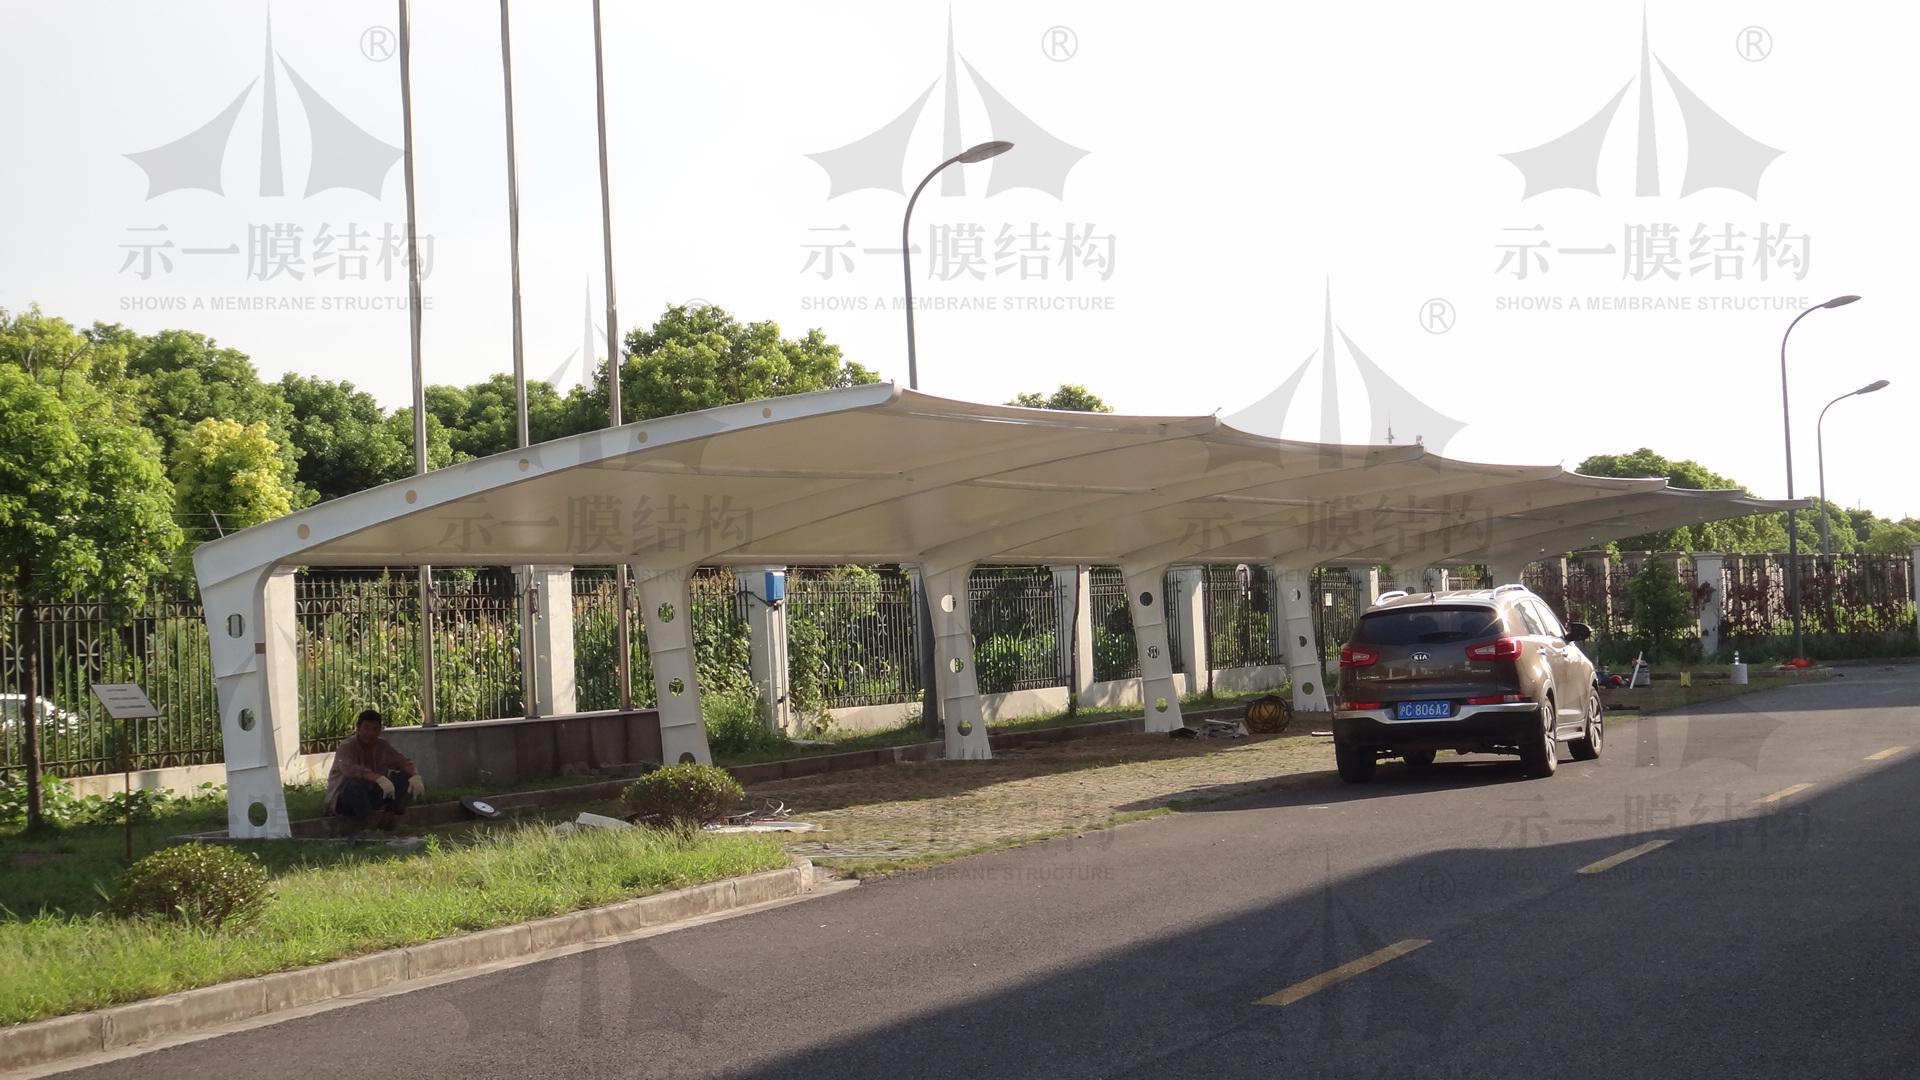 上海示一膜结构上海宝山车棚